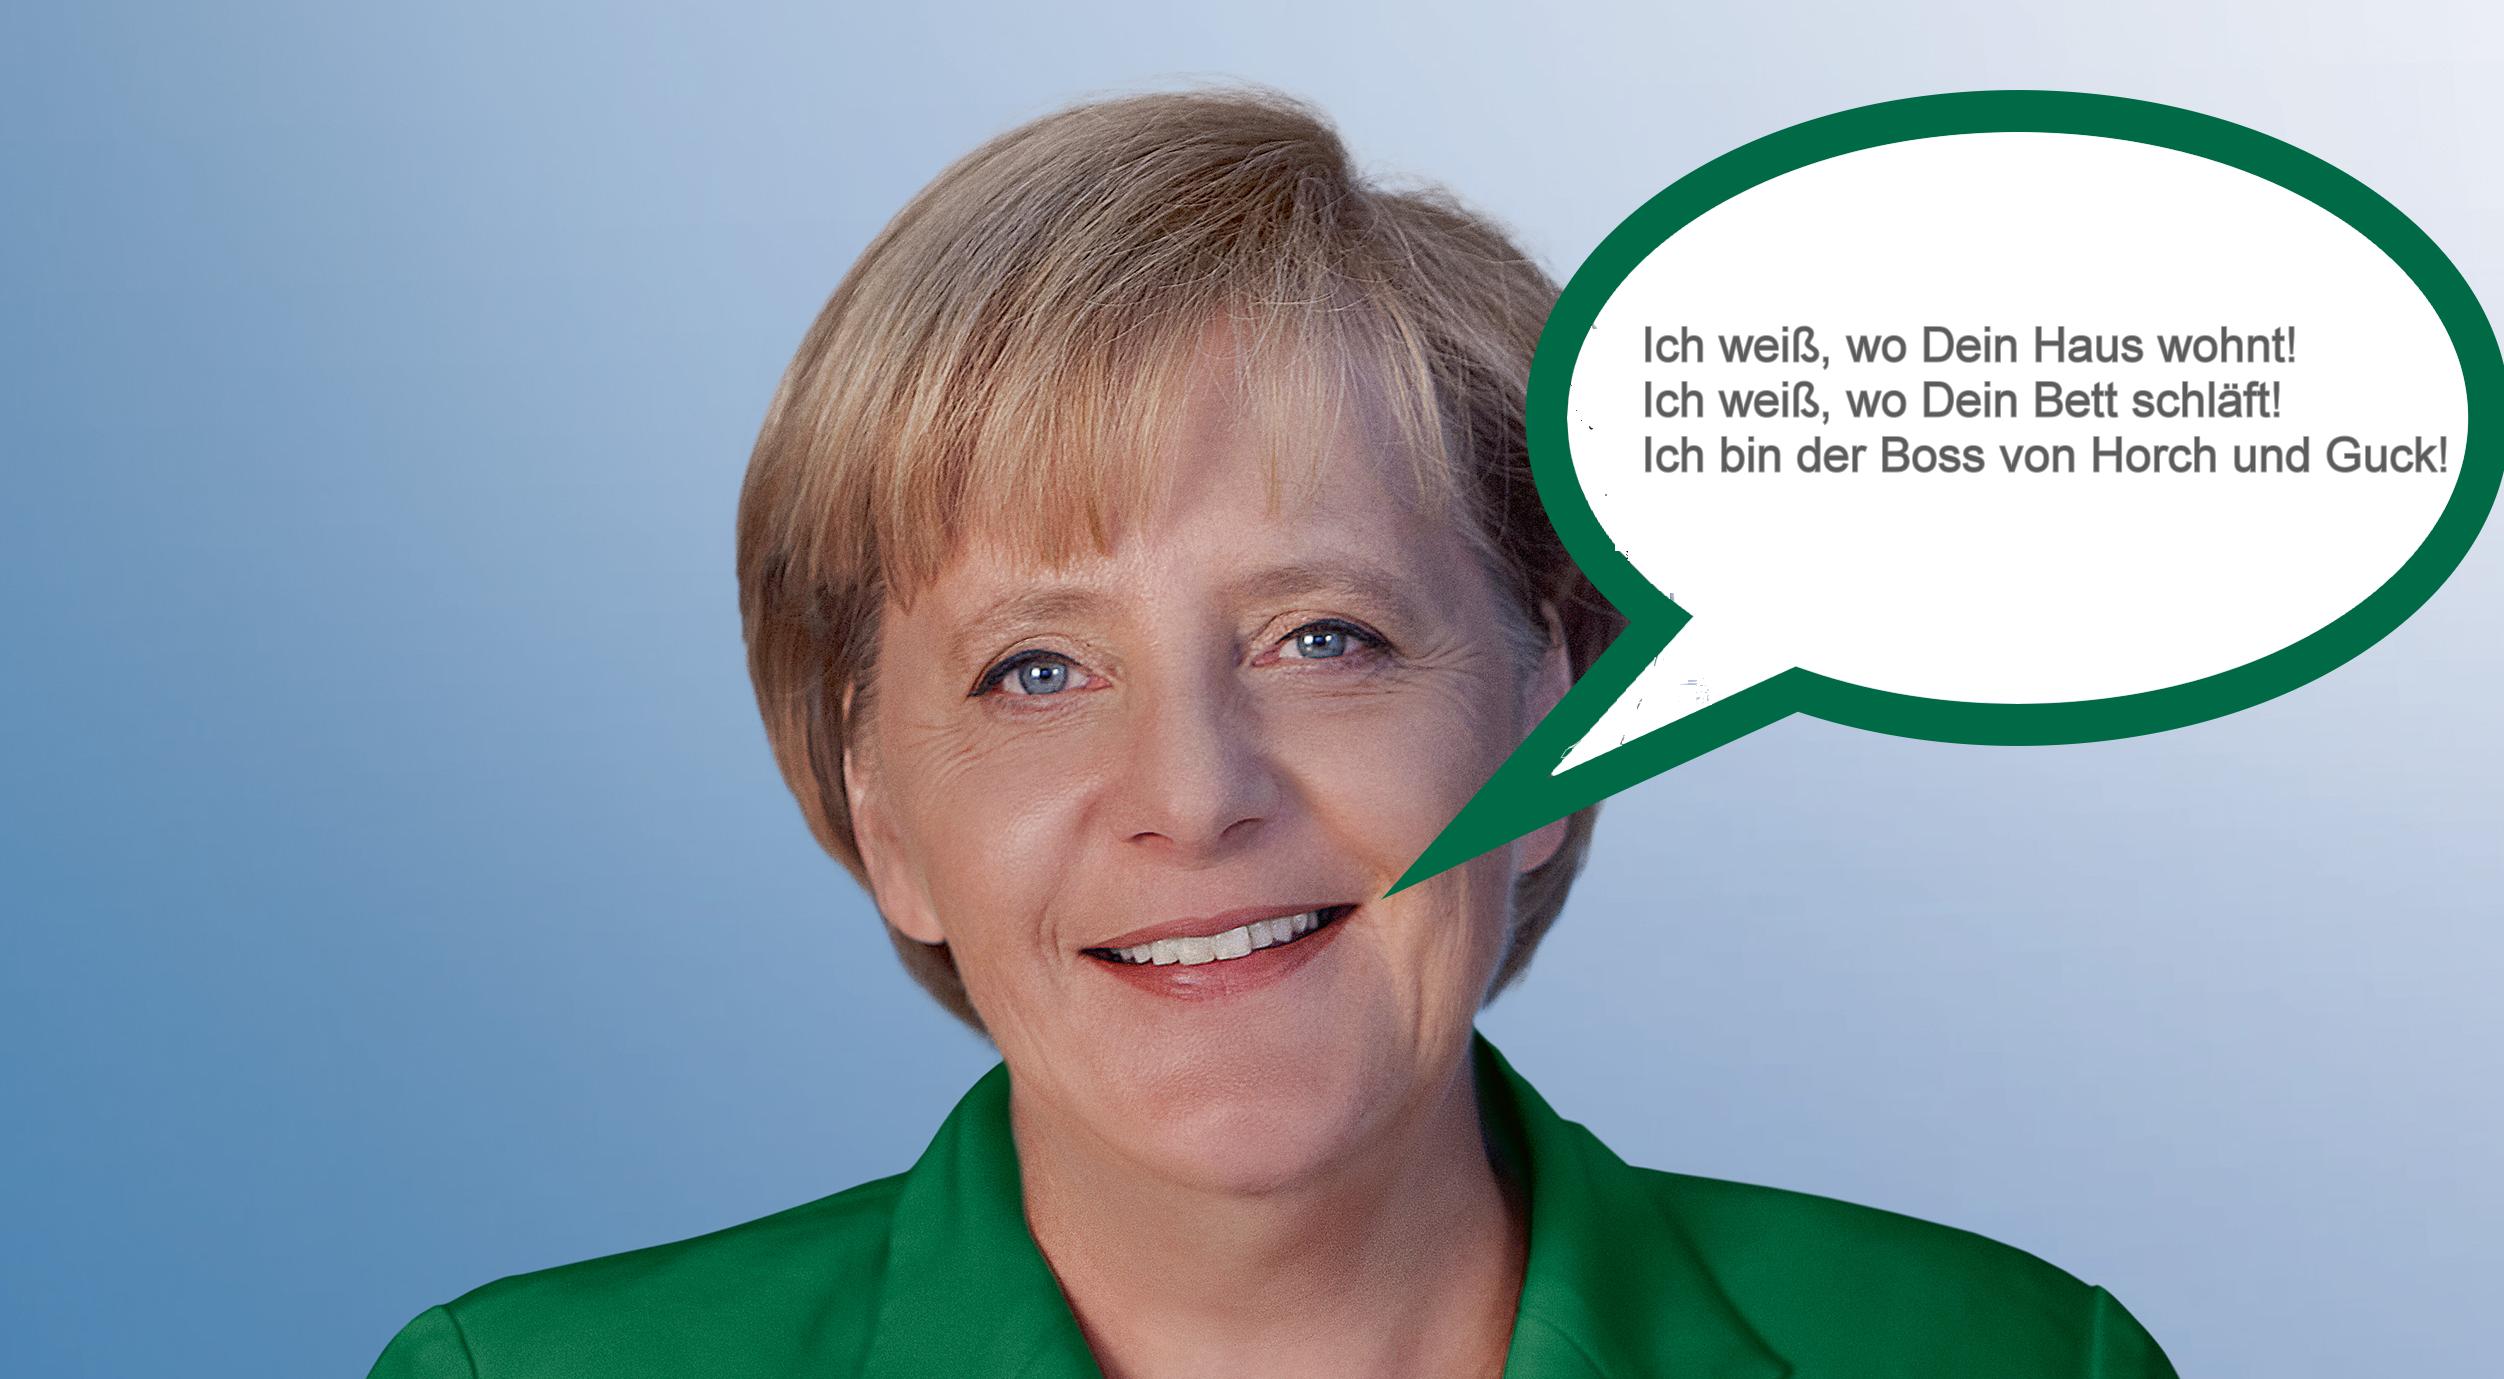 deutsche geheimdienste und politiker stecken mit der nsa unter einer decke klaus ahrens news. Black Bedroom Furniture Sets. Home Design Ideas